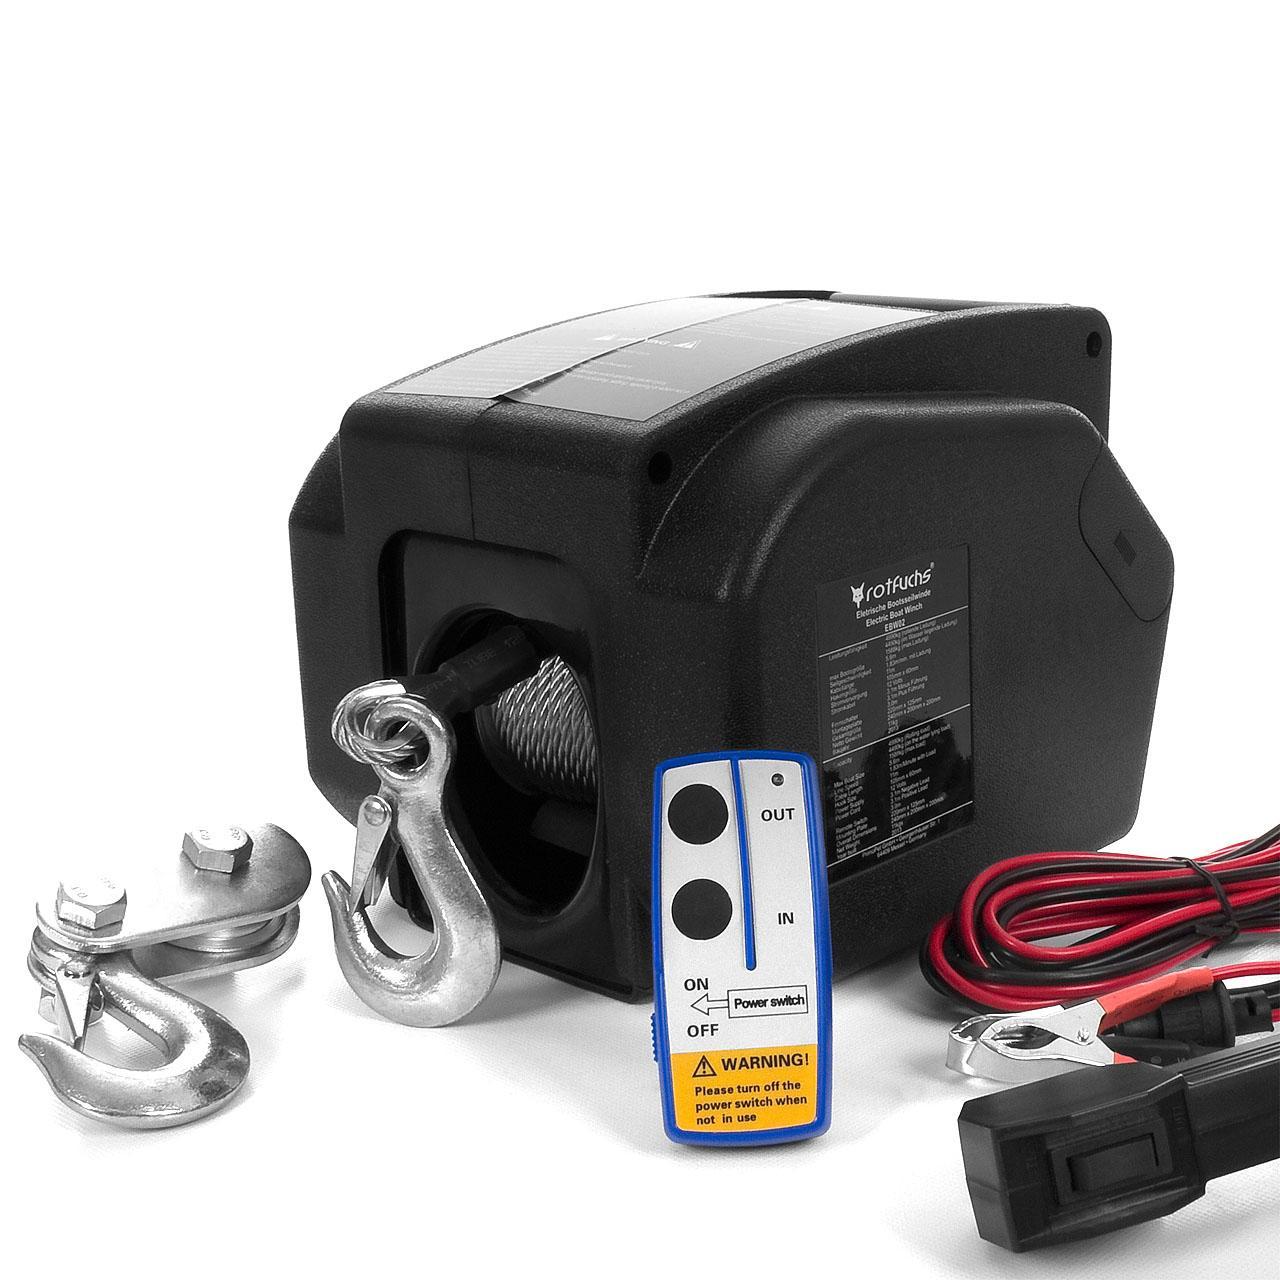 Rotfuchs EBW01W 12V Elektrische Seilwinde | eBay